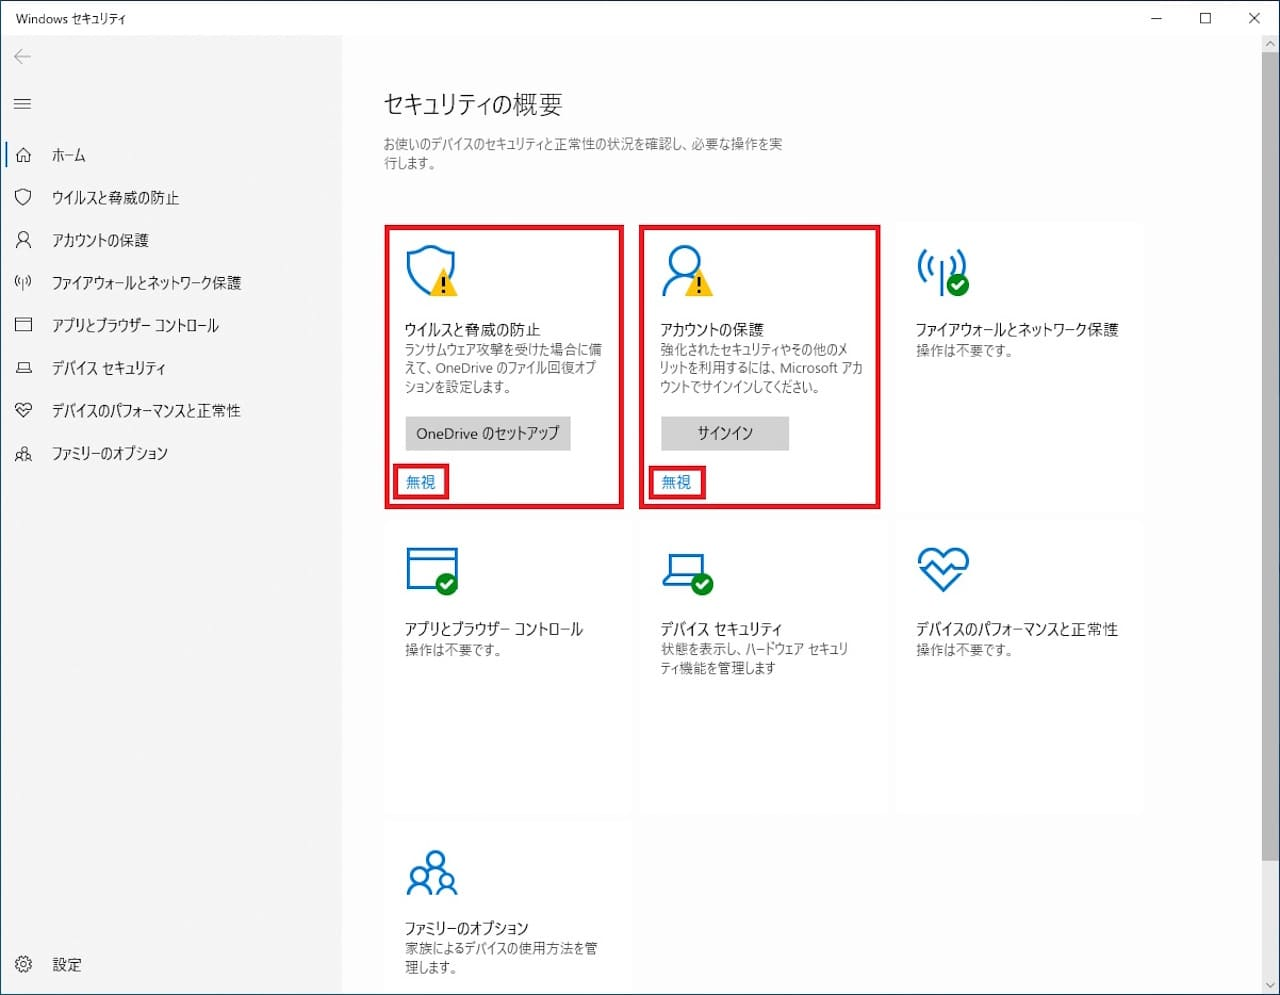 Windowsセキュリティの設定と更新方法⑥